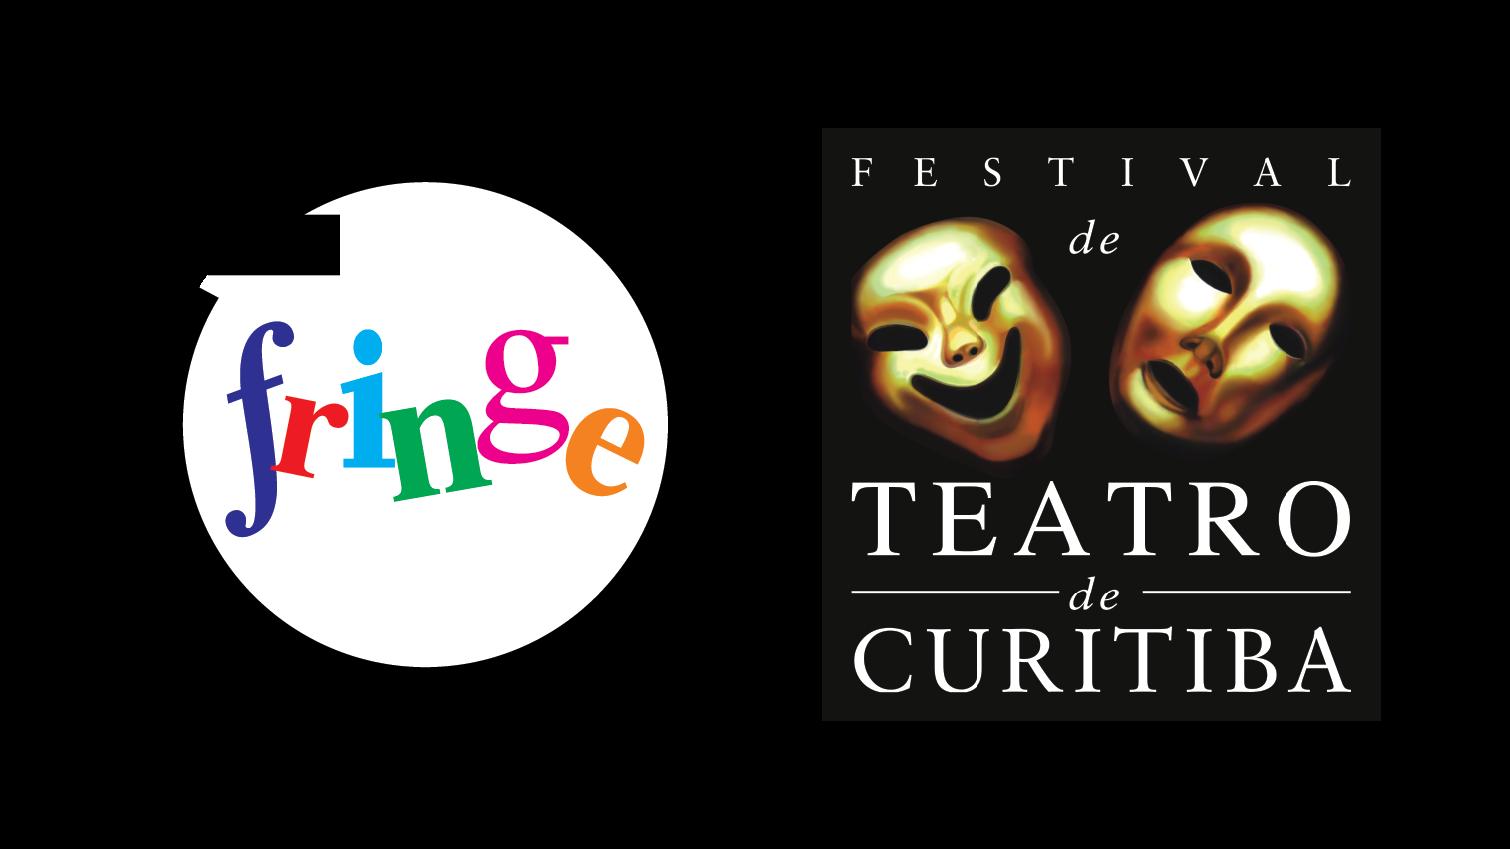 Festival de Teatro de Curitiba - Fringe